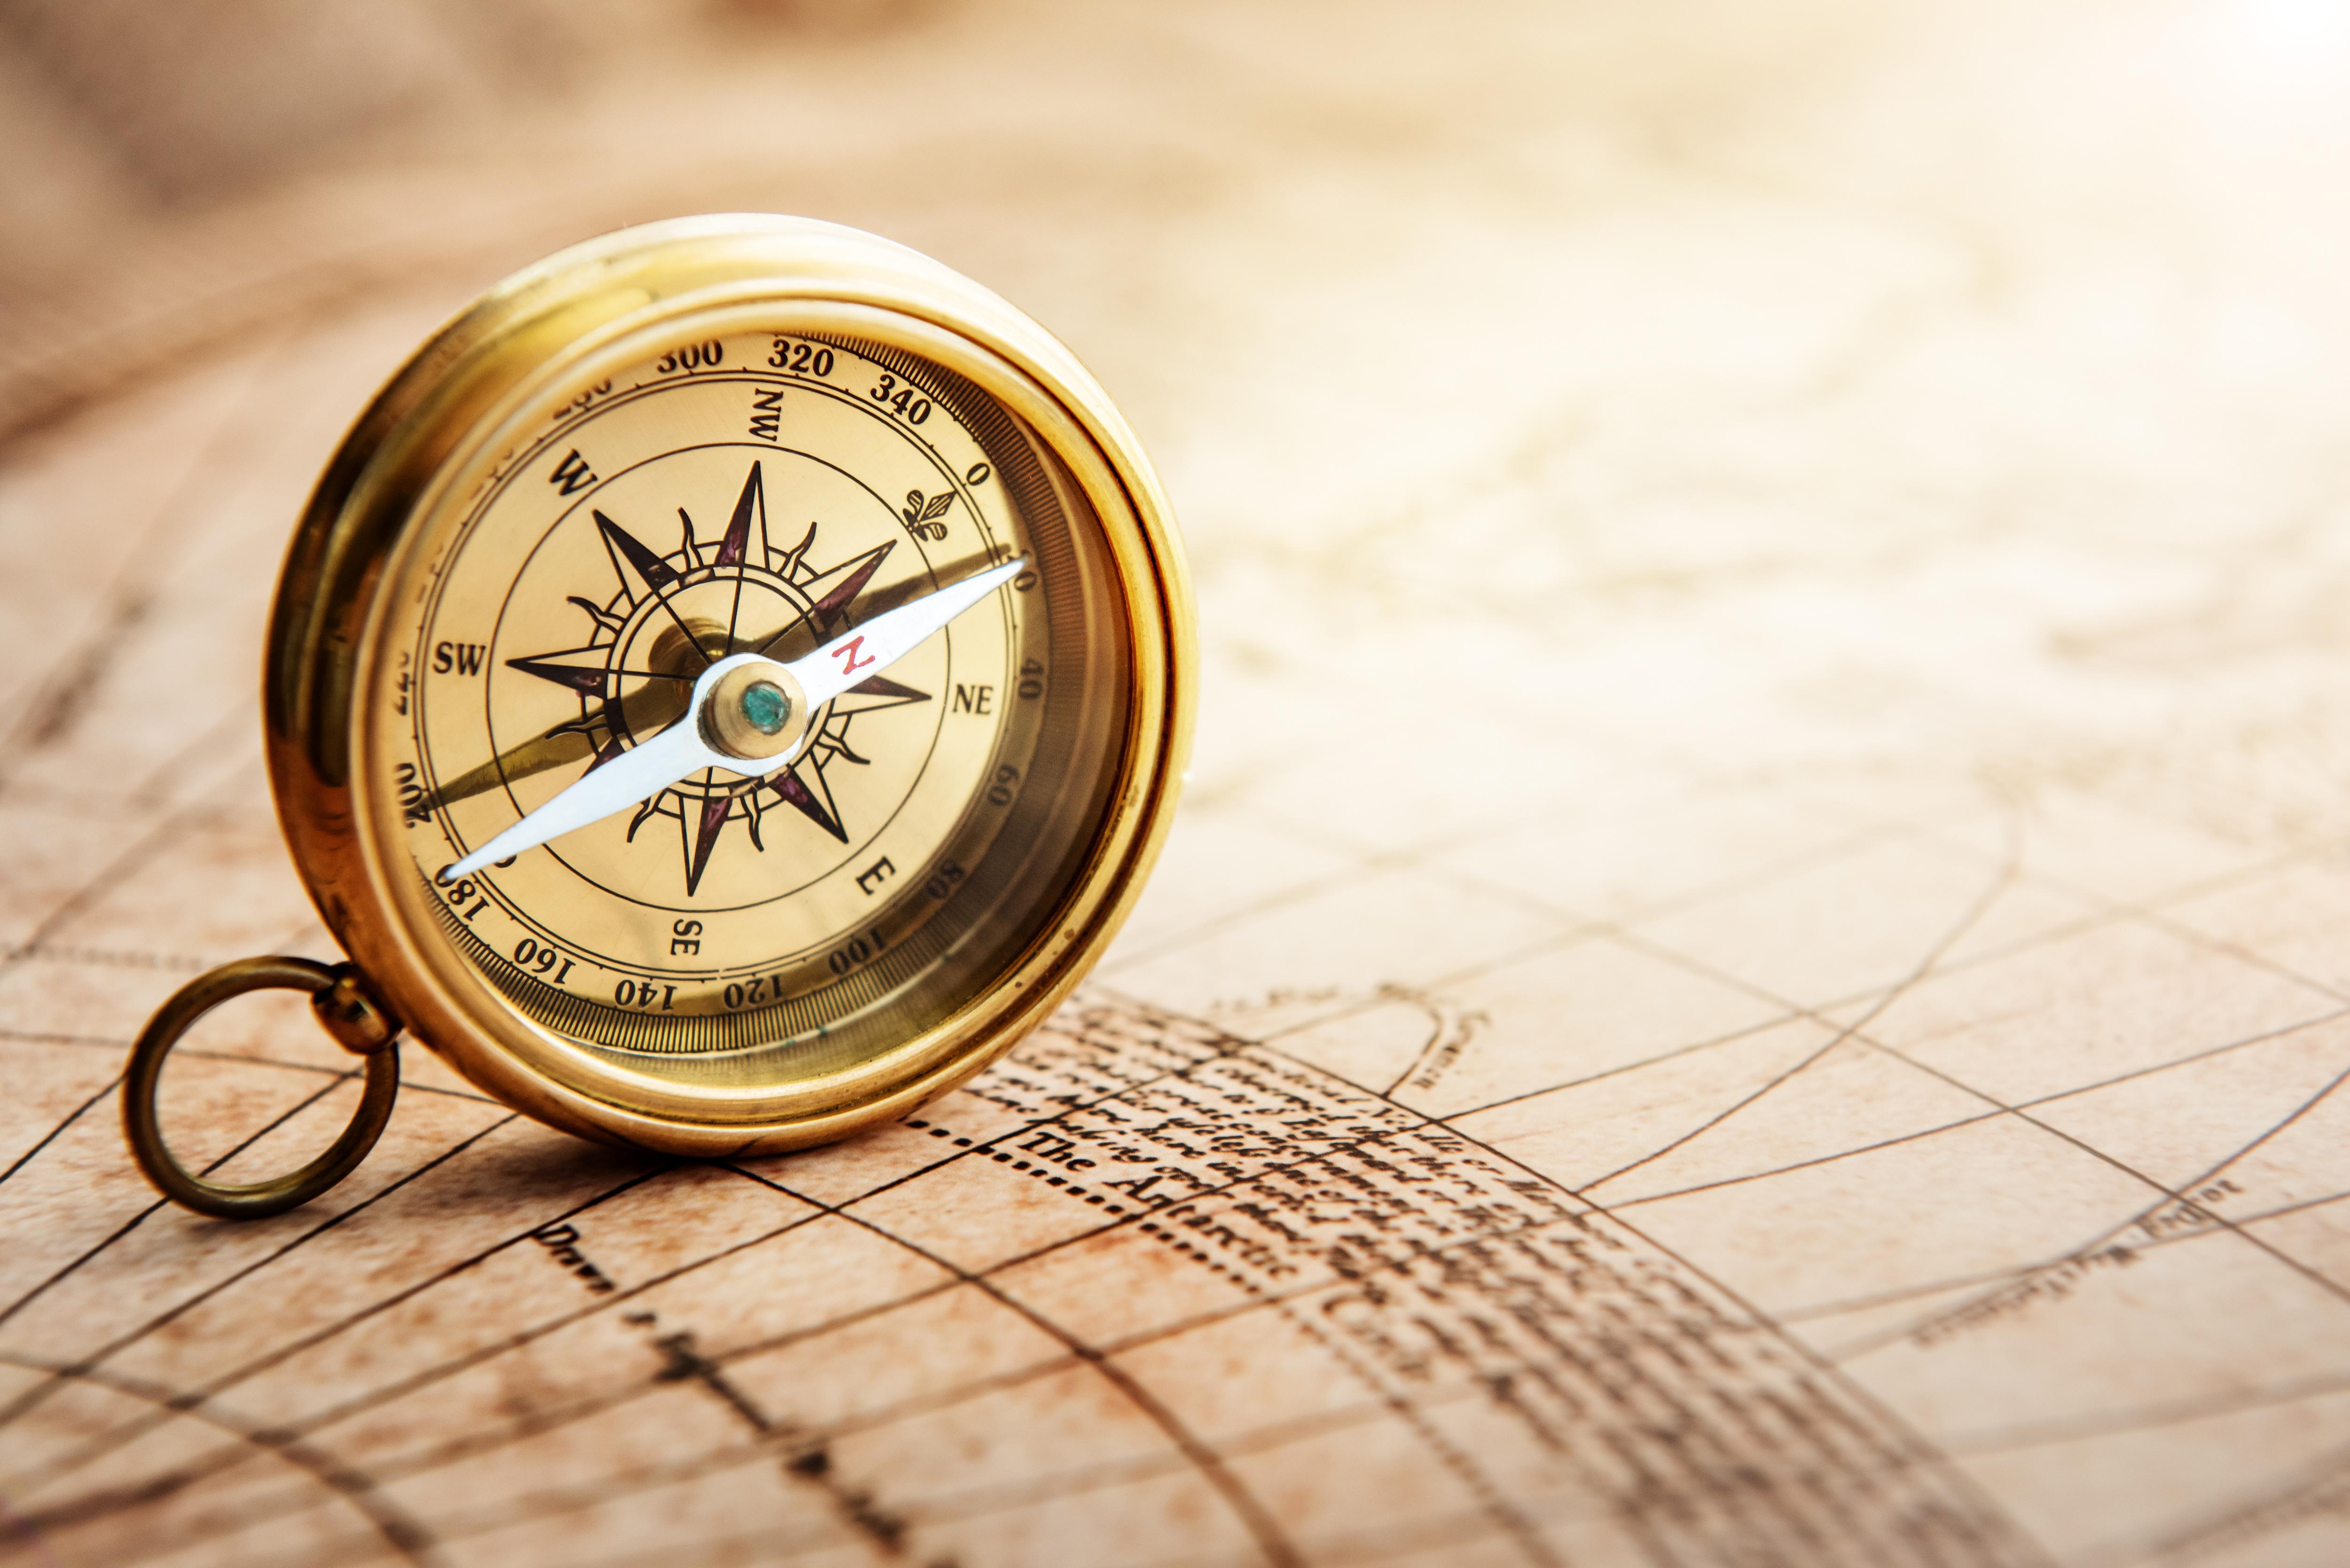 Verbraucheratlas Kompass auf Landkarte